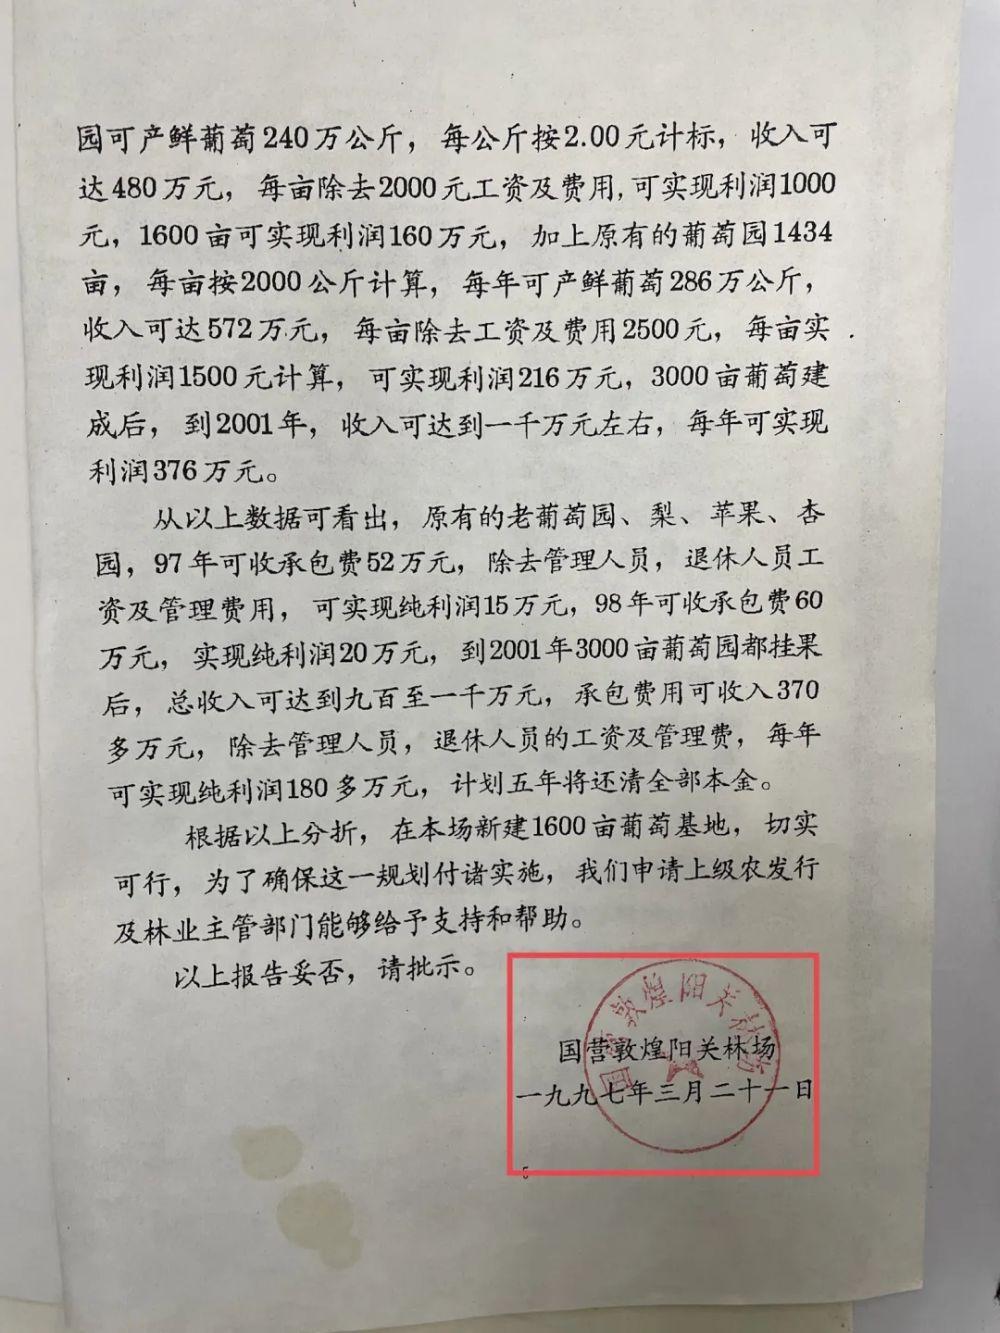 图为1997年阳关林场报给敦煌林业局的文件